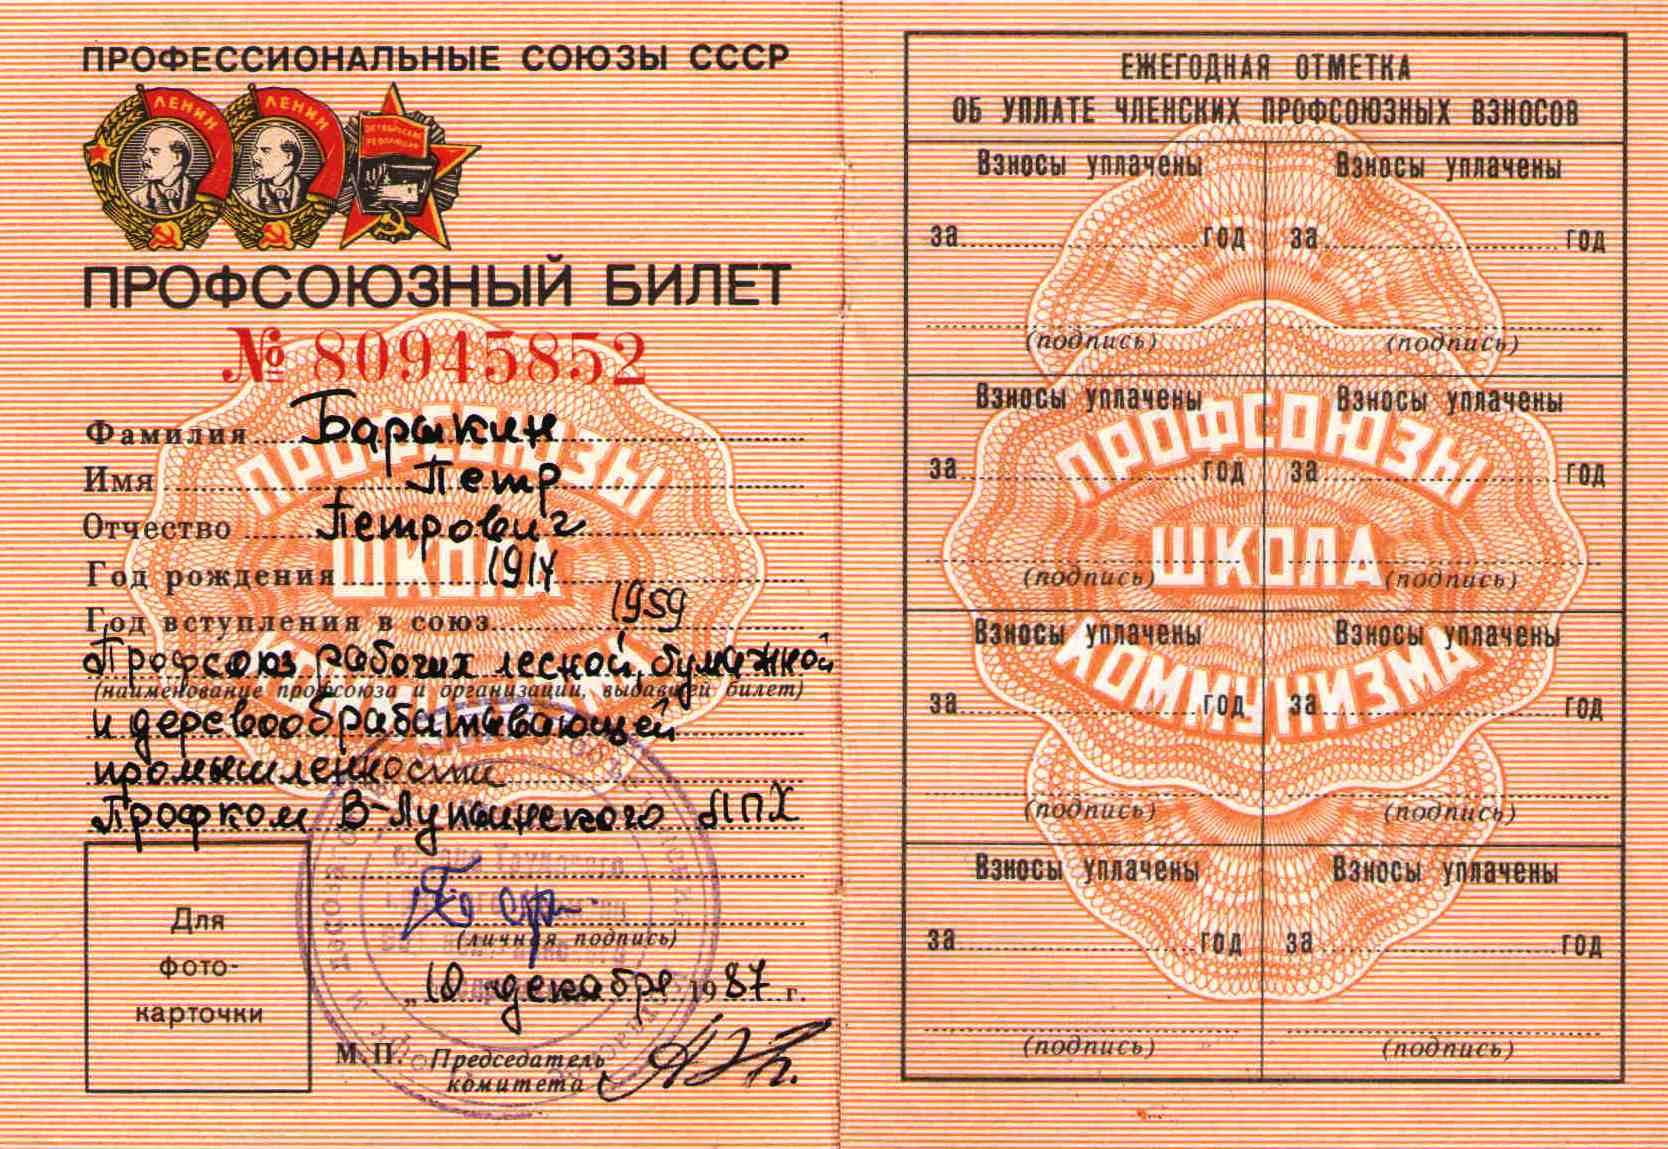 118. Профсоюзный билет, Барыкин ПП, 1987